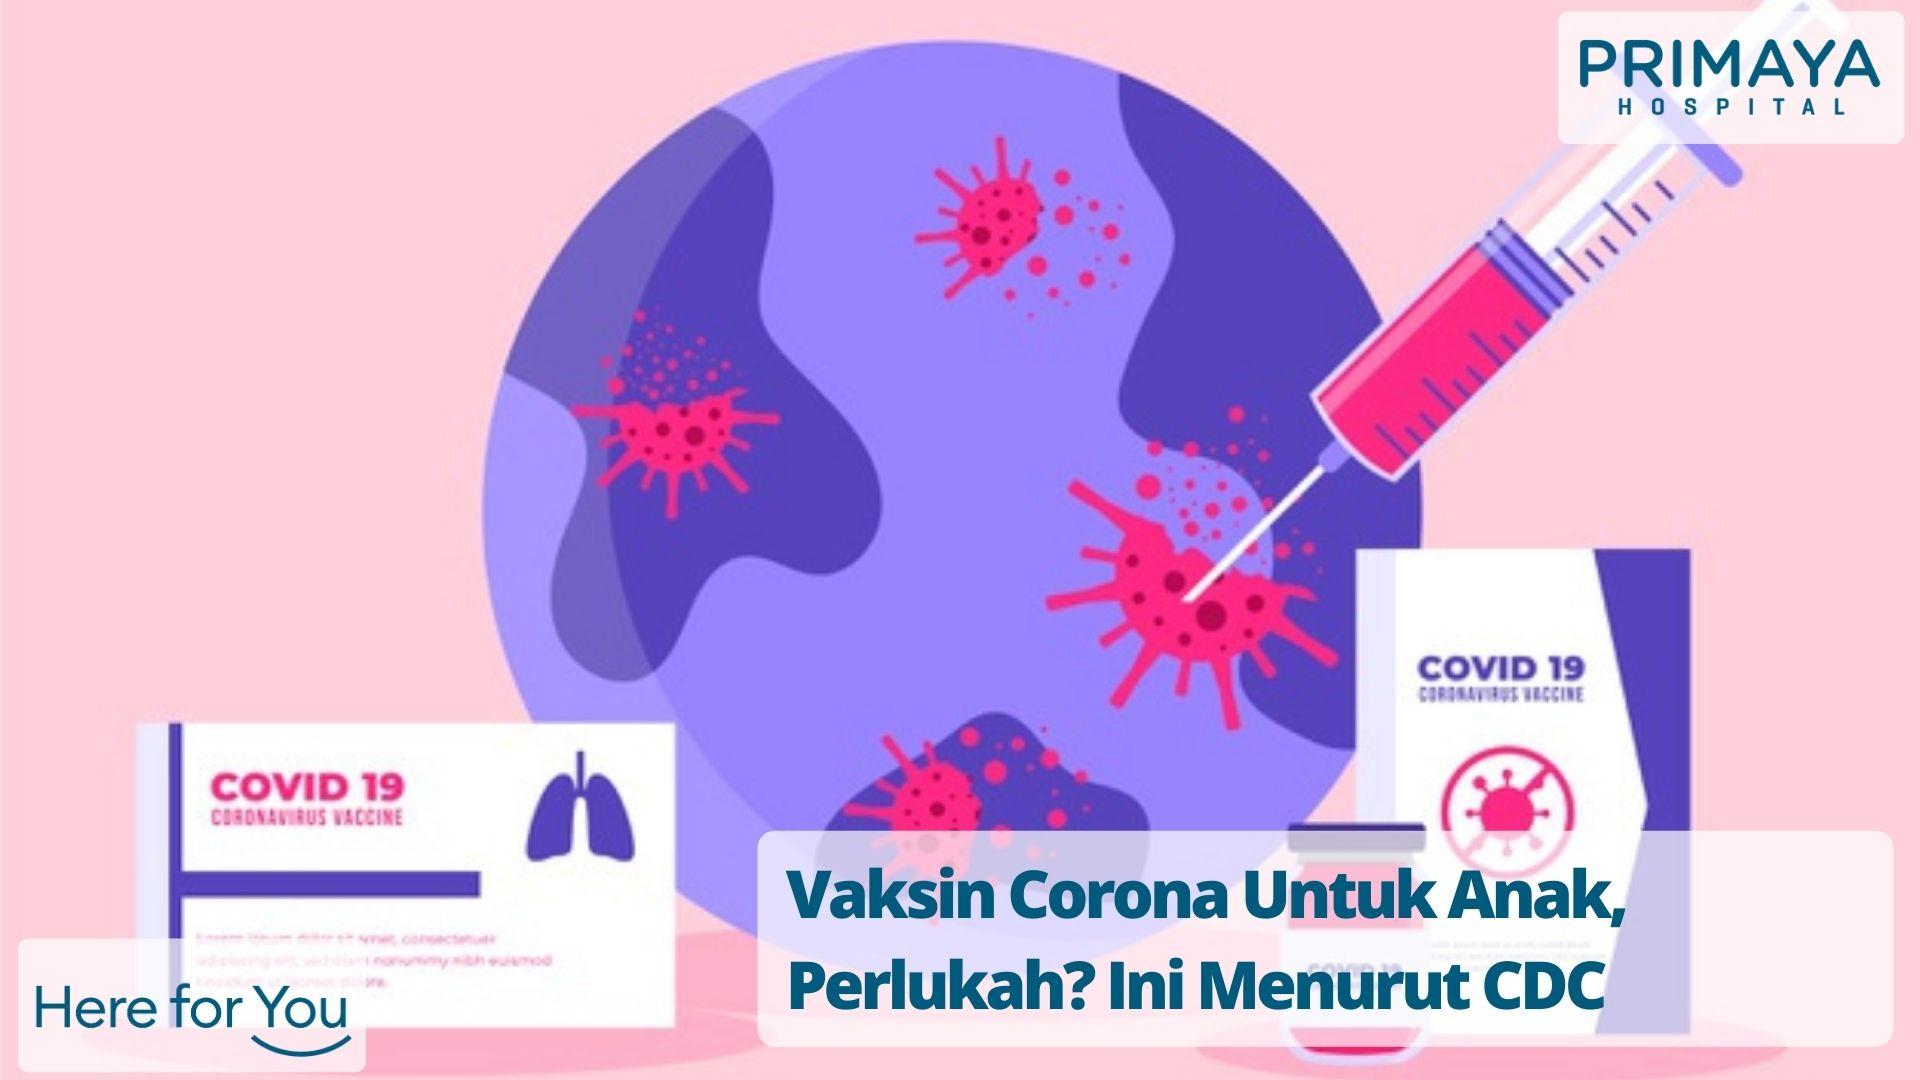 Vaksin Corona Untuk Anak, Perlukah? Ini Menurut CDC